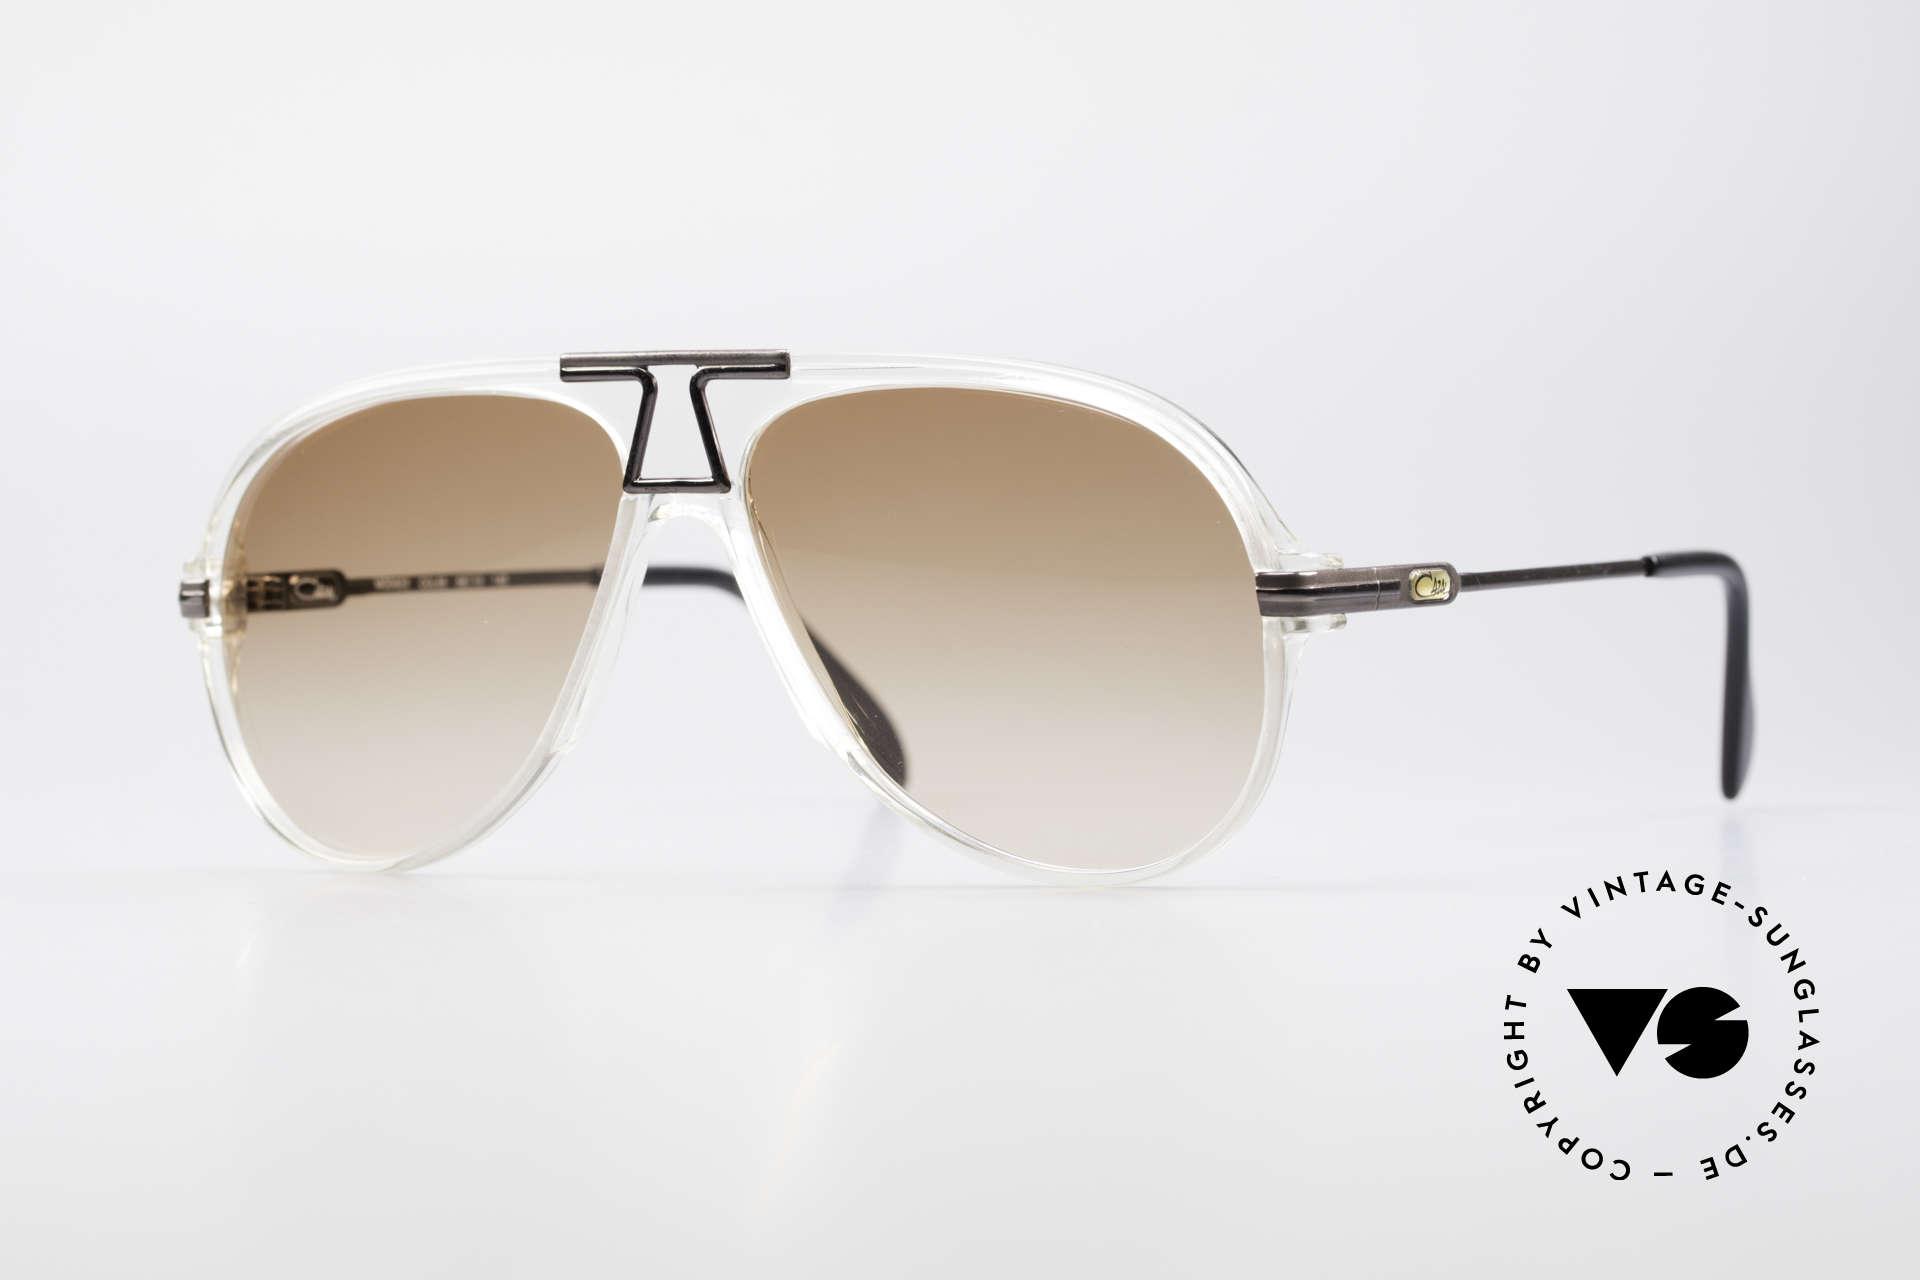 Cazal 622 Vintage Piloten Sonnenbrille, legendäre Pilotenform interpretiert von CAri ZALloni, Passend für Herren